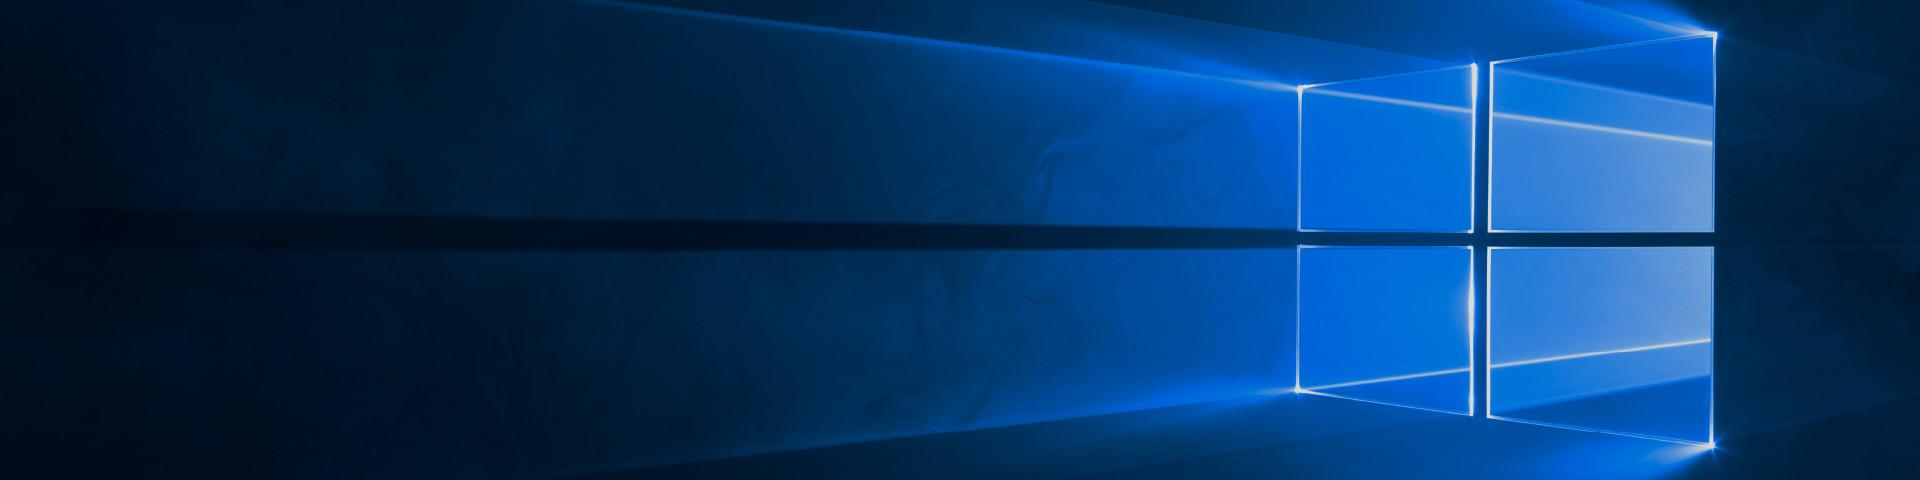 Lys, der skinner gennem et vindue, køb og download Windows 10